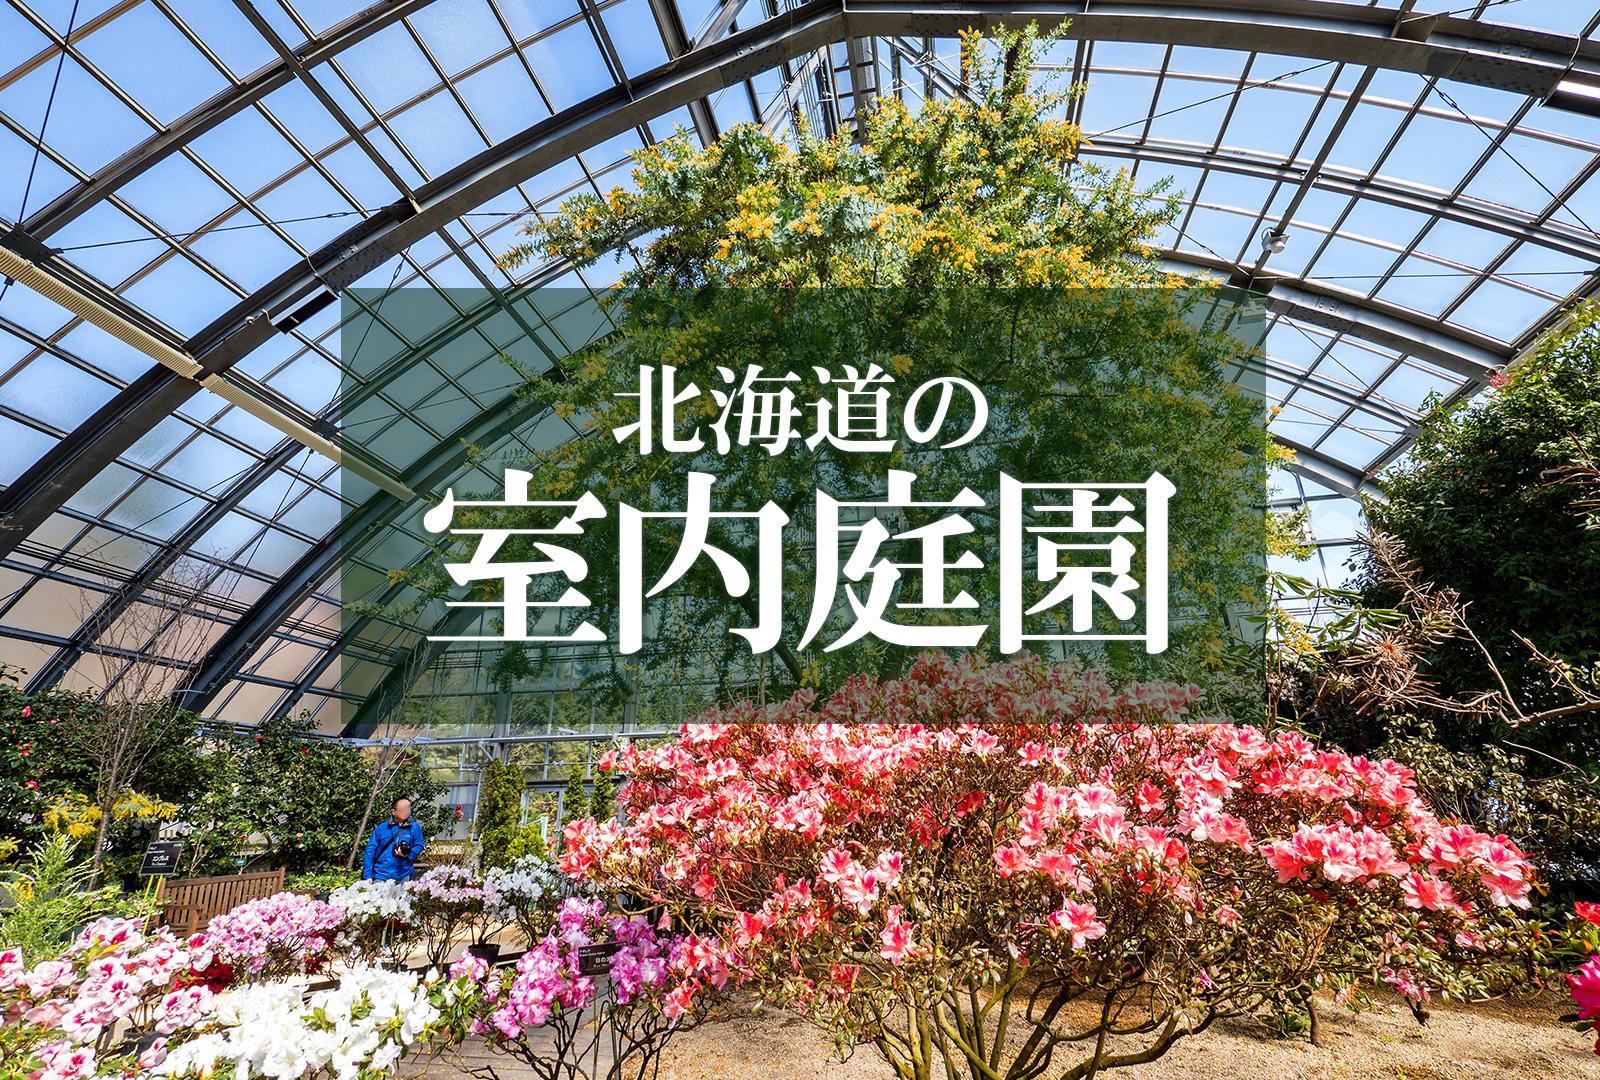 冬でもポカポカ 草木や花が楽しめる!北海道の室内庭園5選